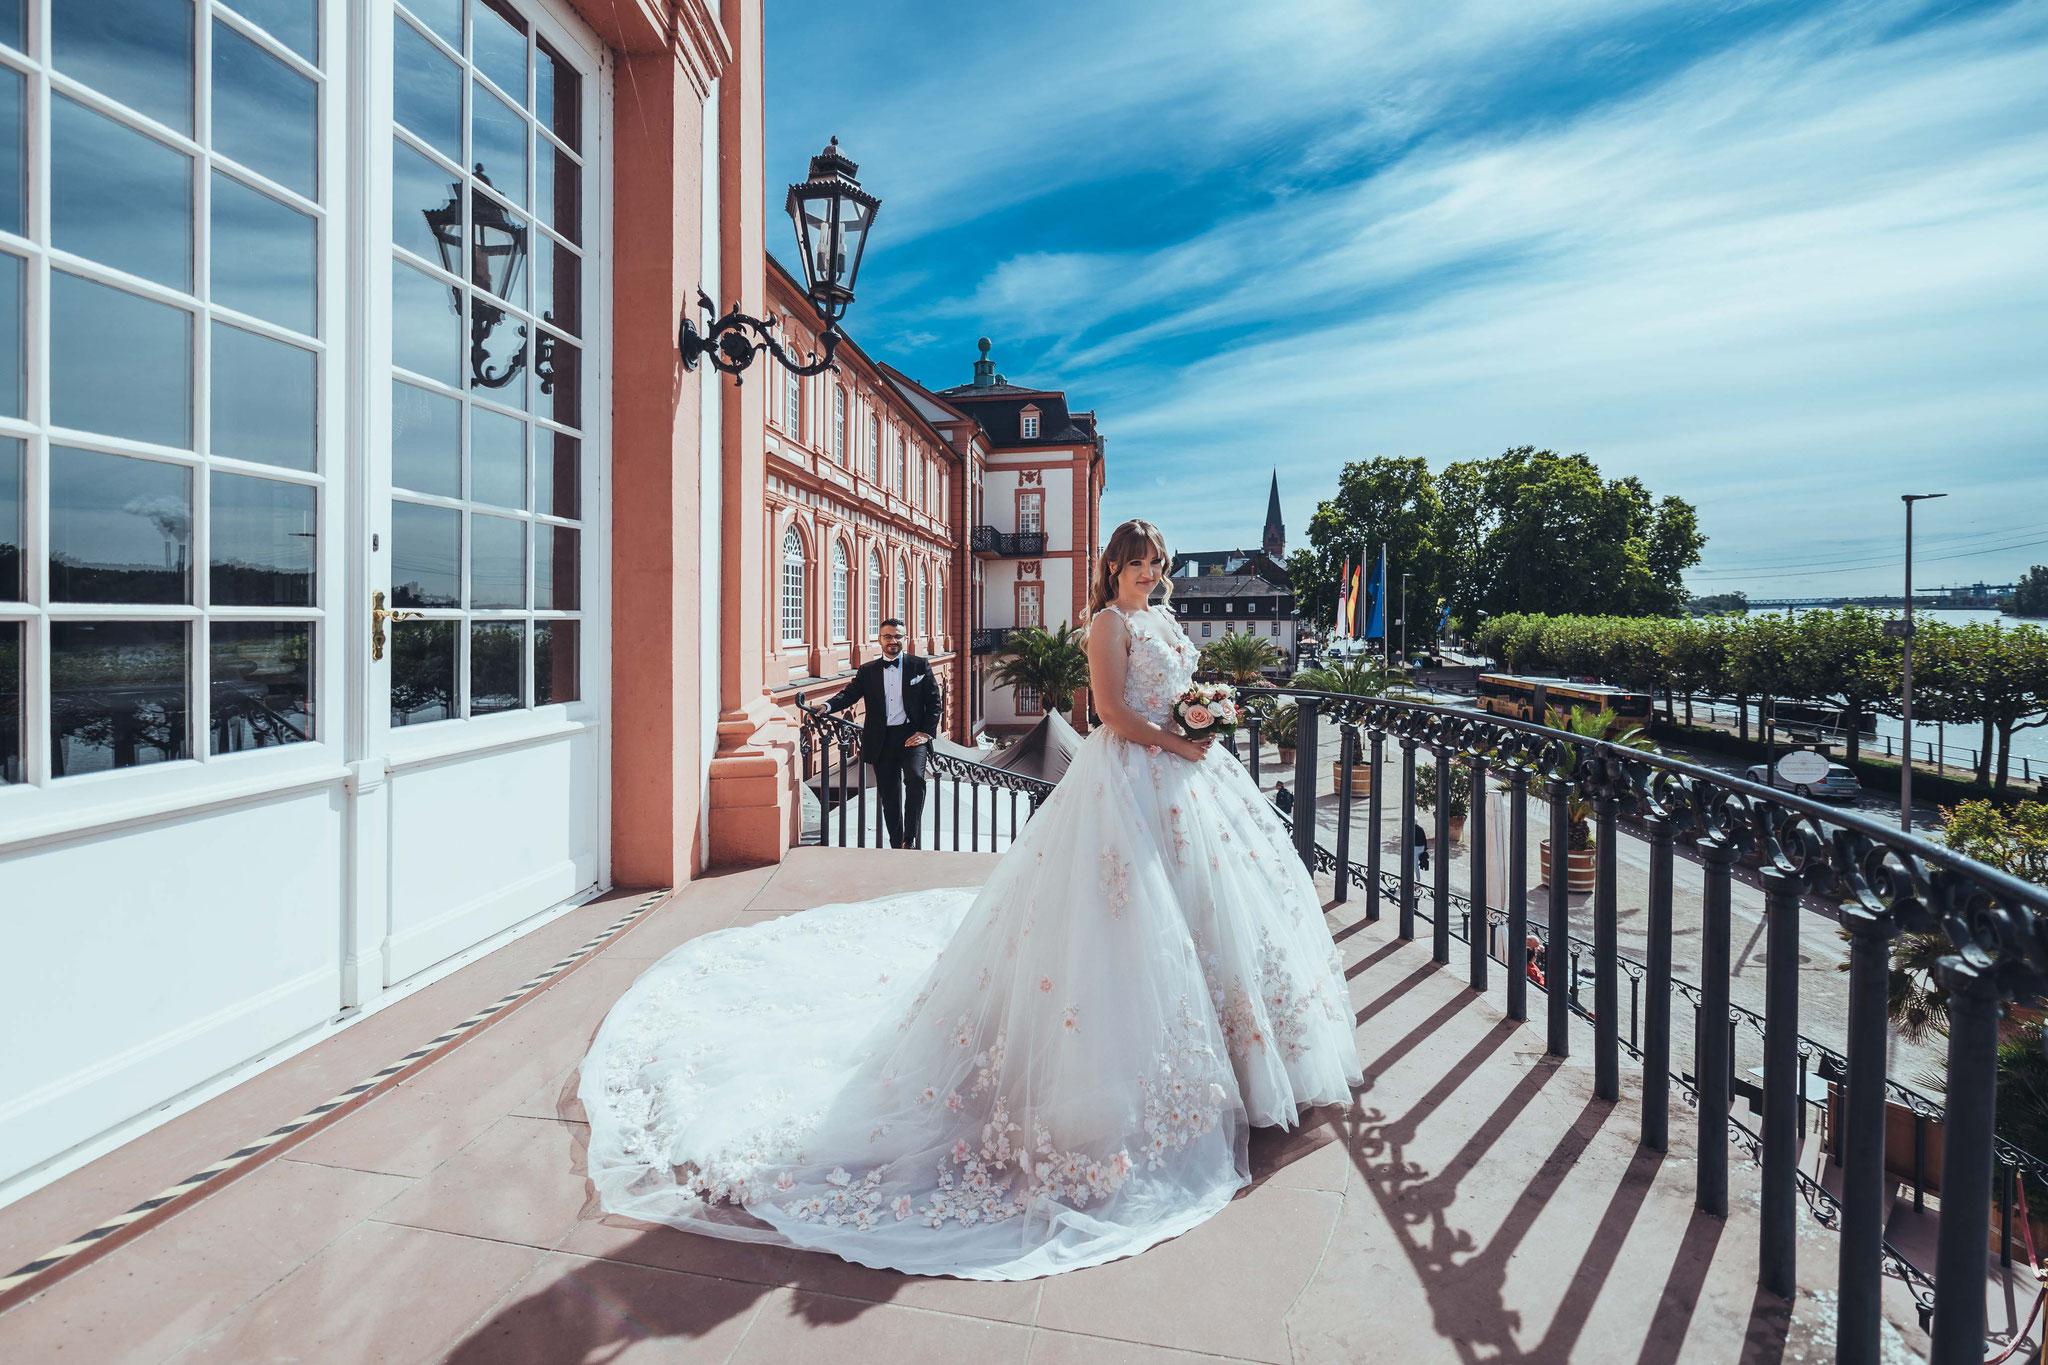 Afterwedding Fotoshooting in Wiesbaden beim Schloss Biebrich